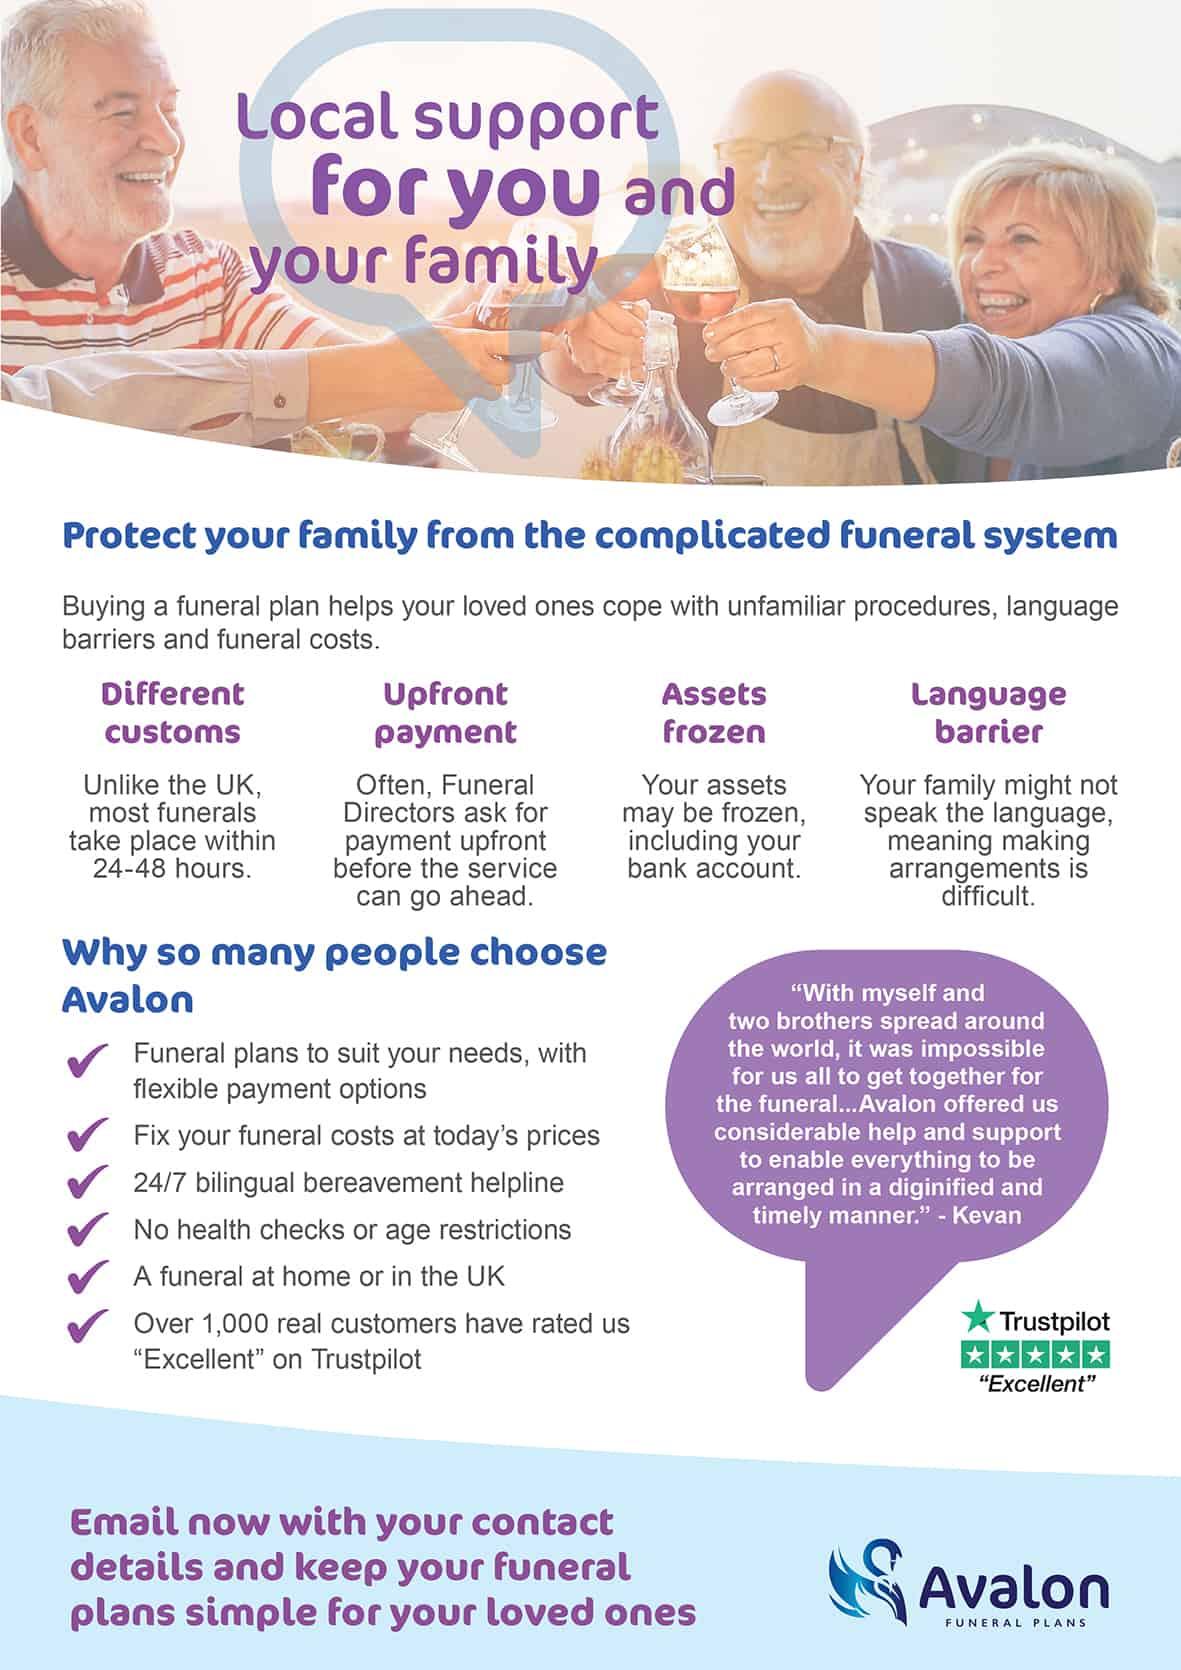 Avalon flyer explaining details